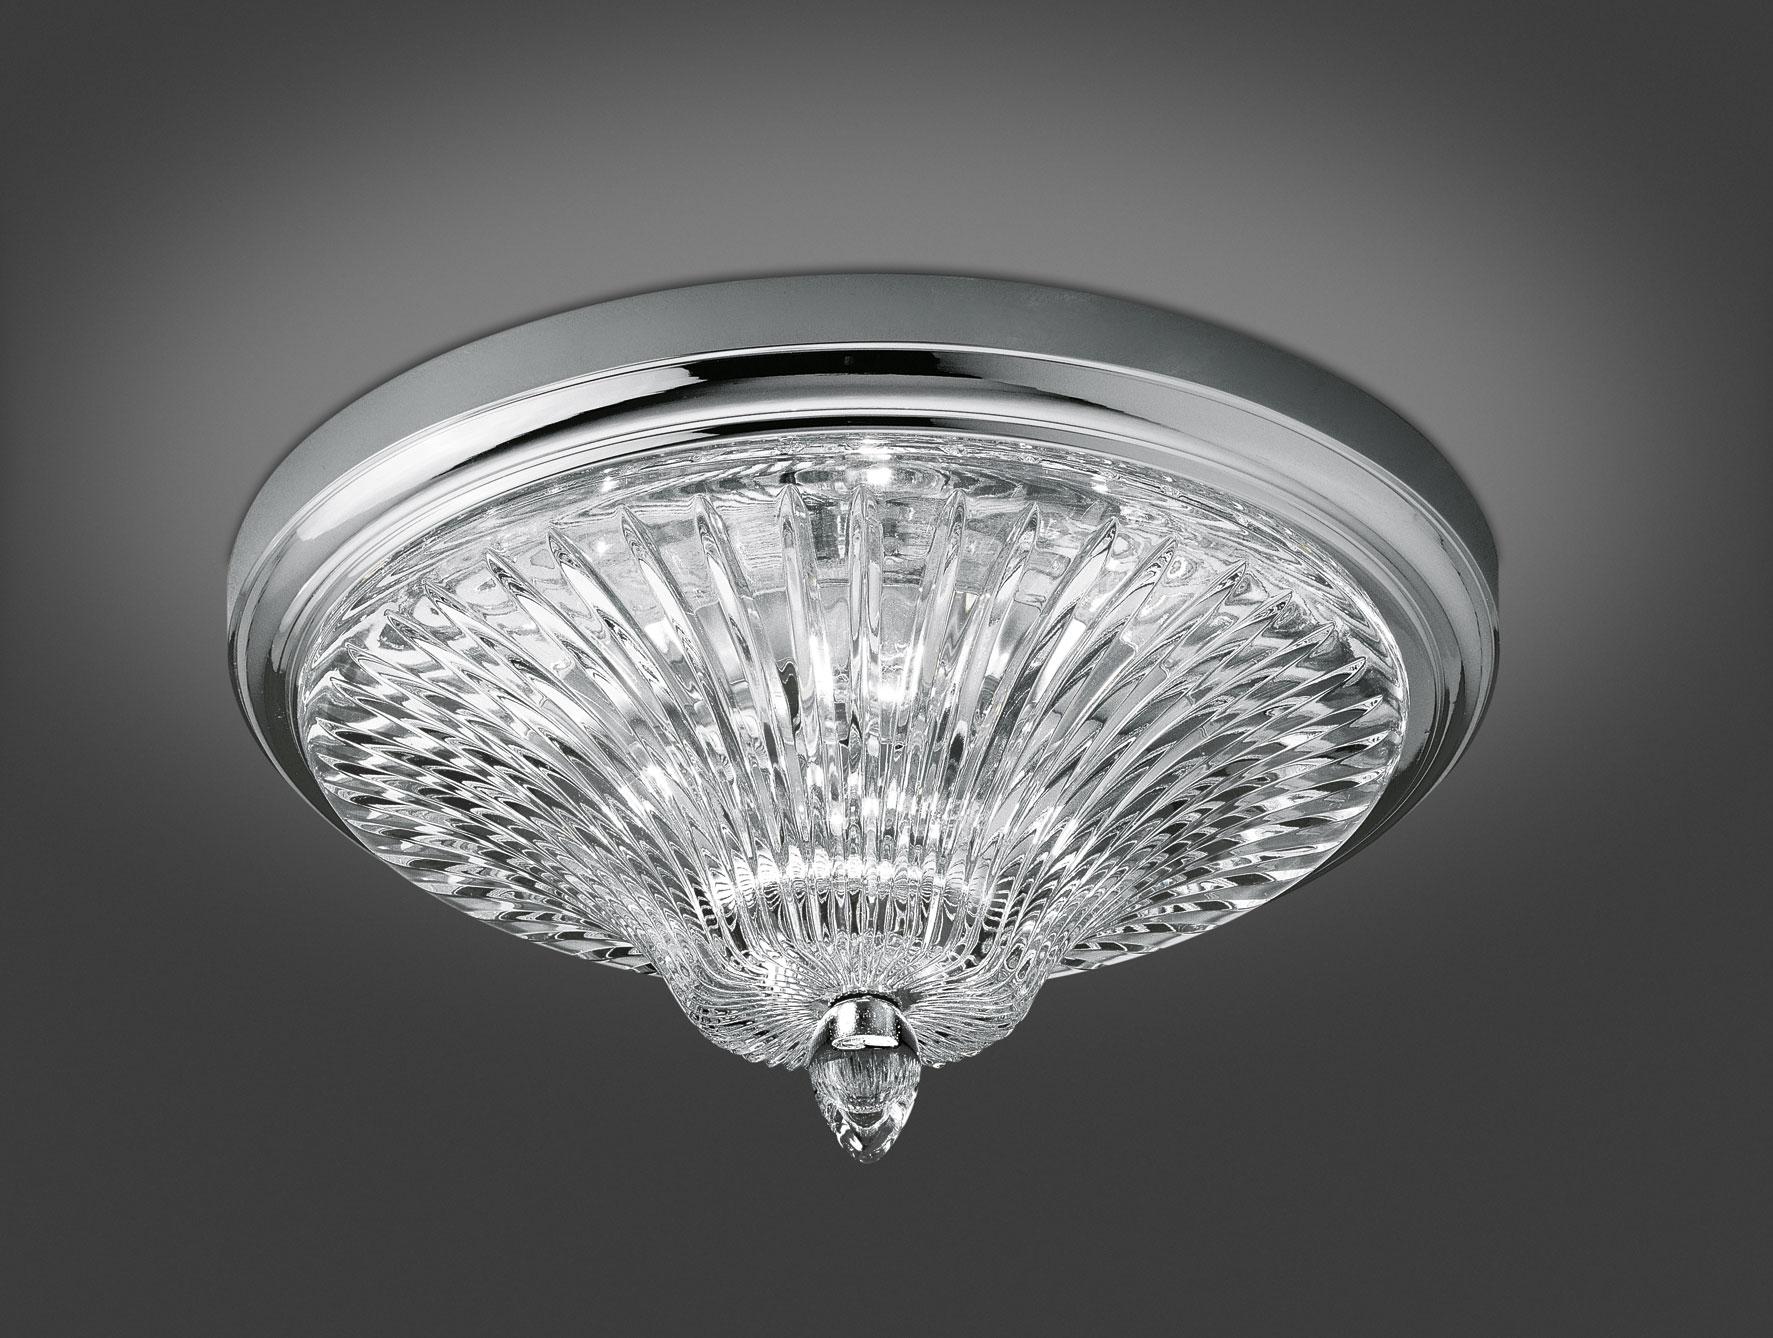 designer ceiling lights photo - 1